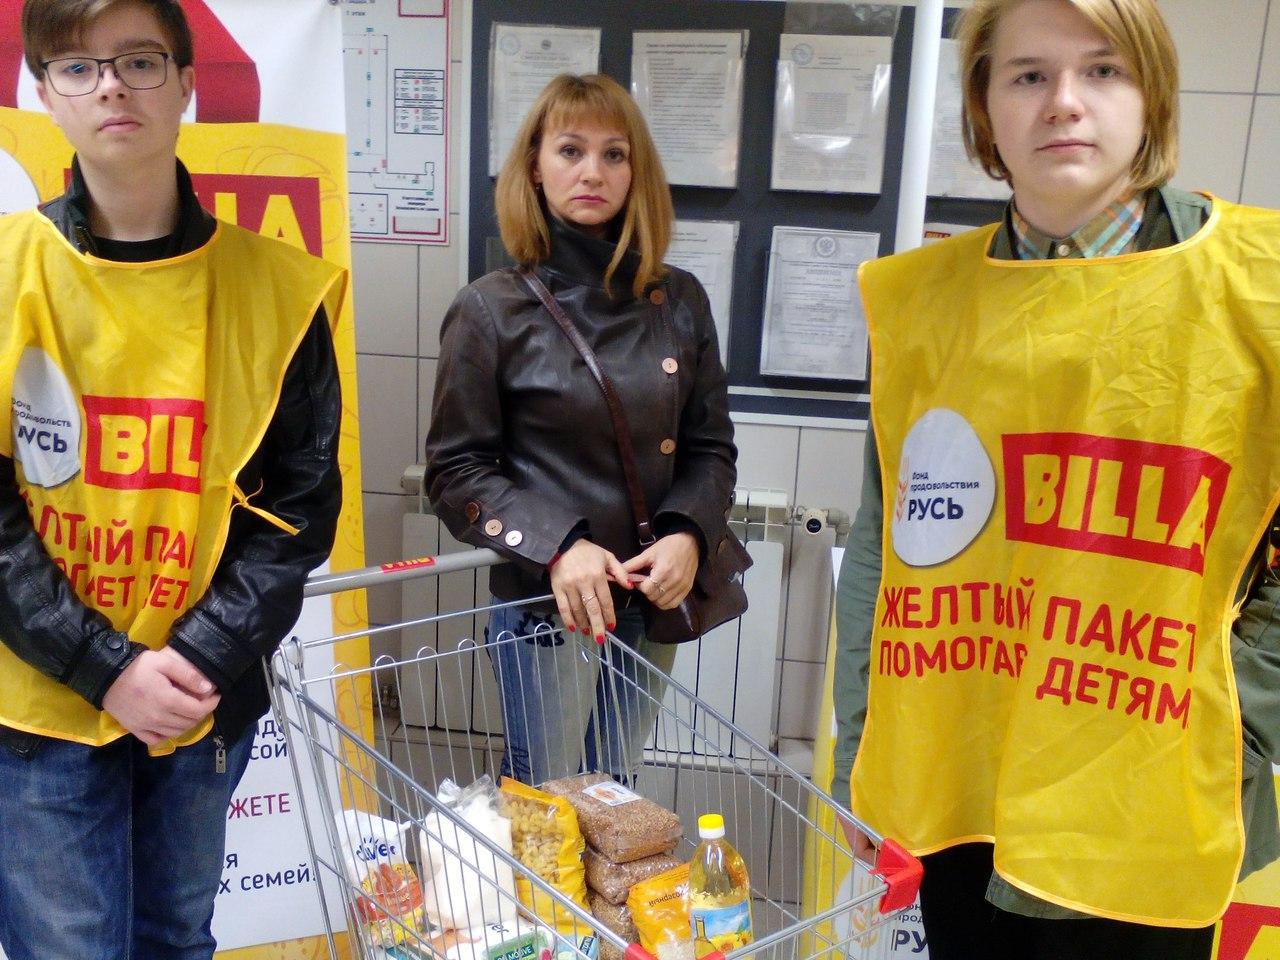 Желтый пакет помогает детям! Акция продолжается!